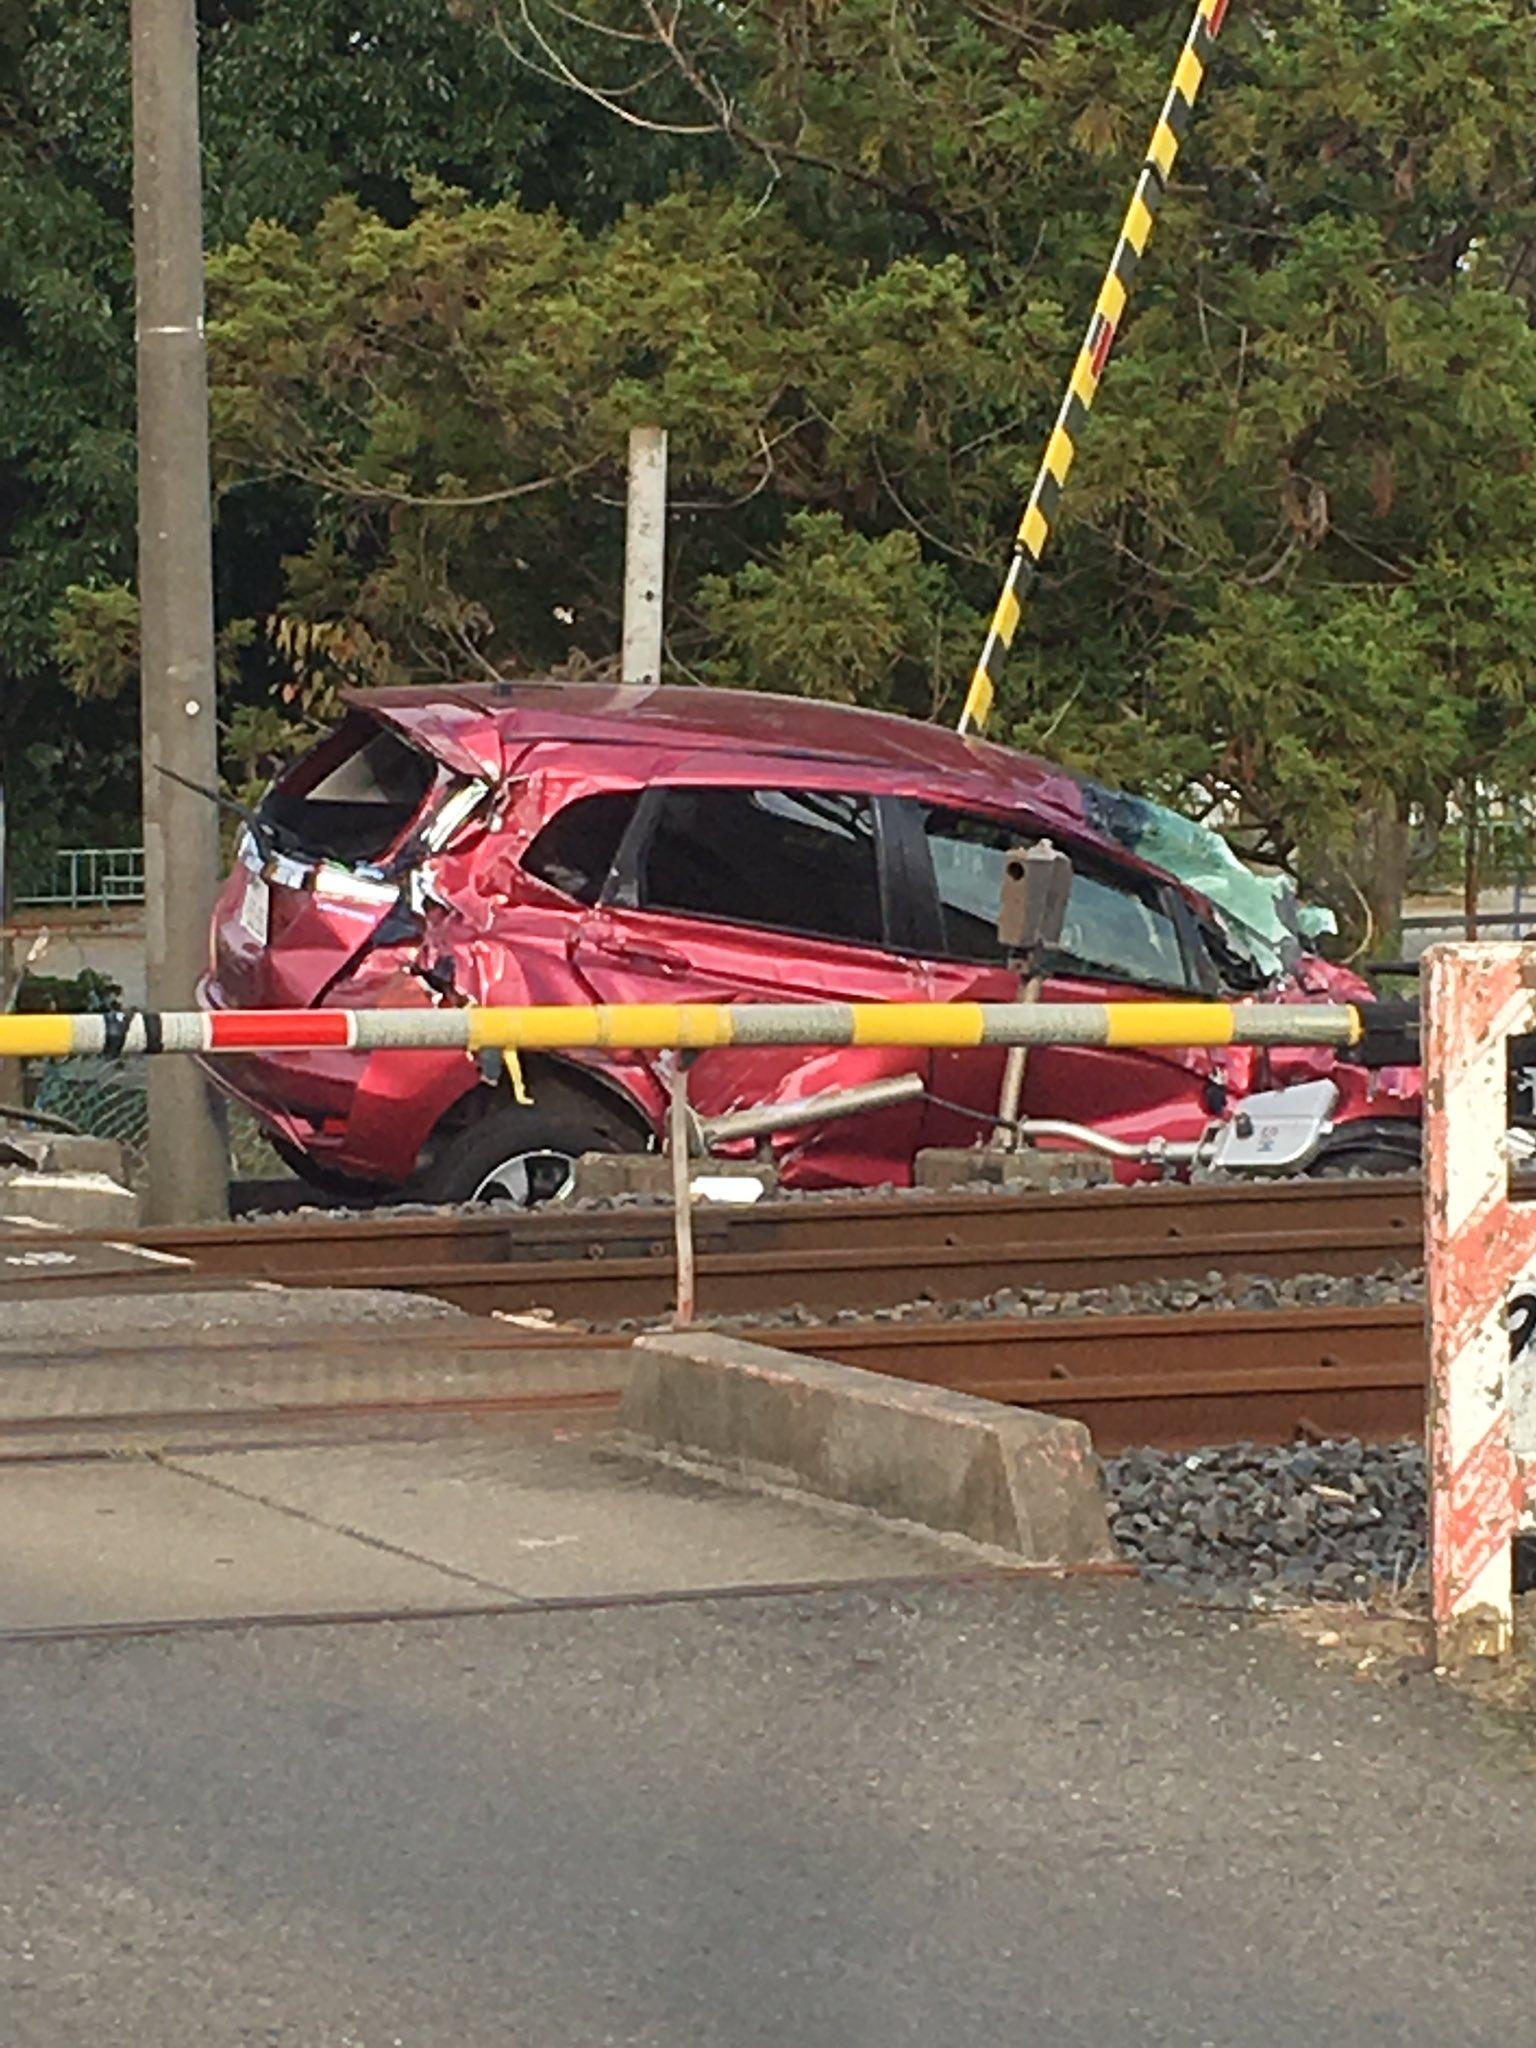 画像,印西小林の踏切で車と電車が衝突!運転者はいないみたい。#事故  #電車  #衝突 https://t.co/Nu3SkexZrk…